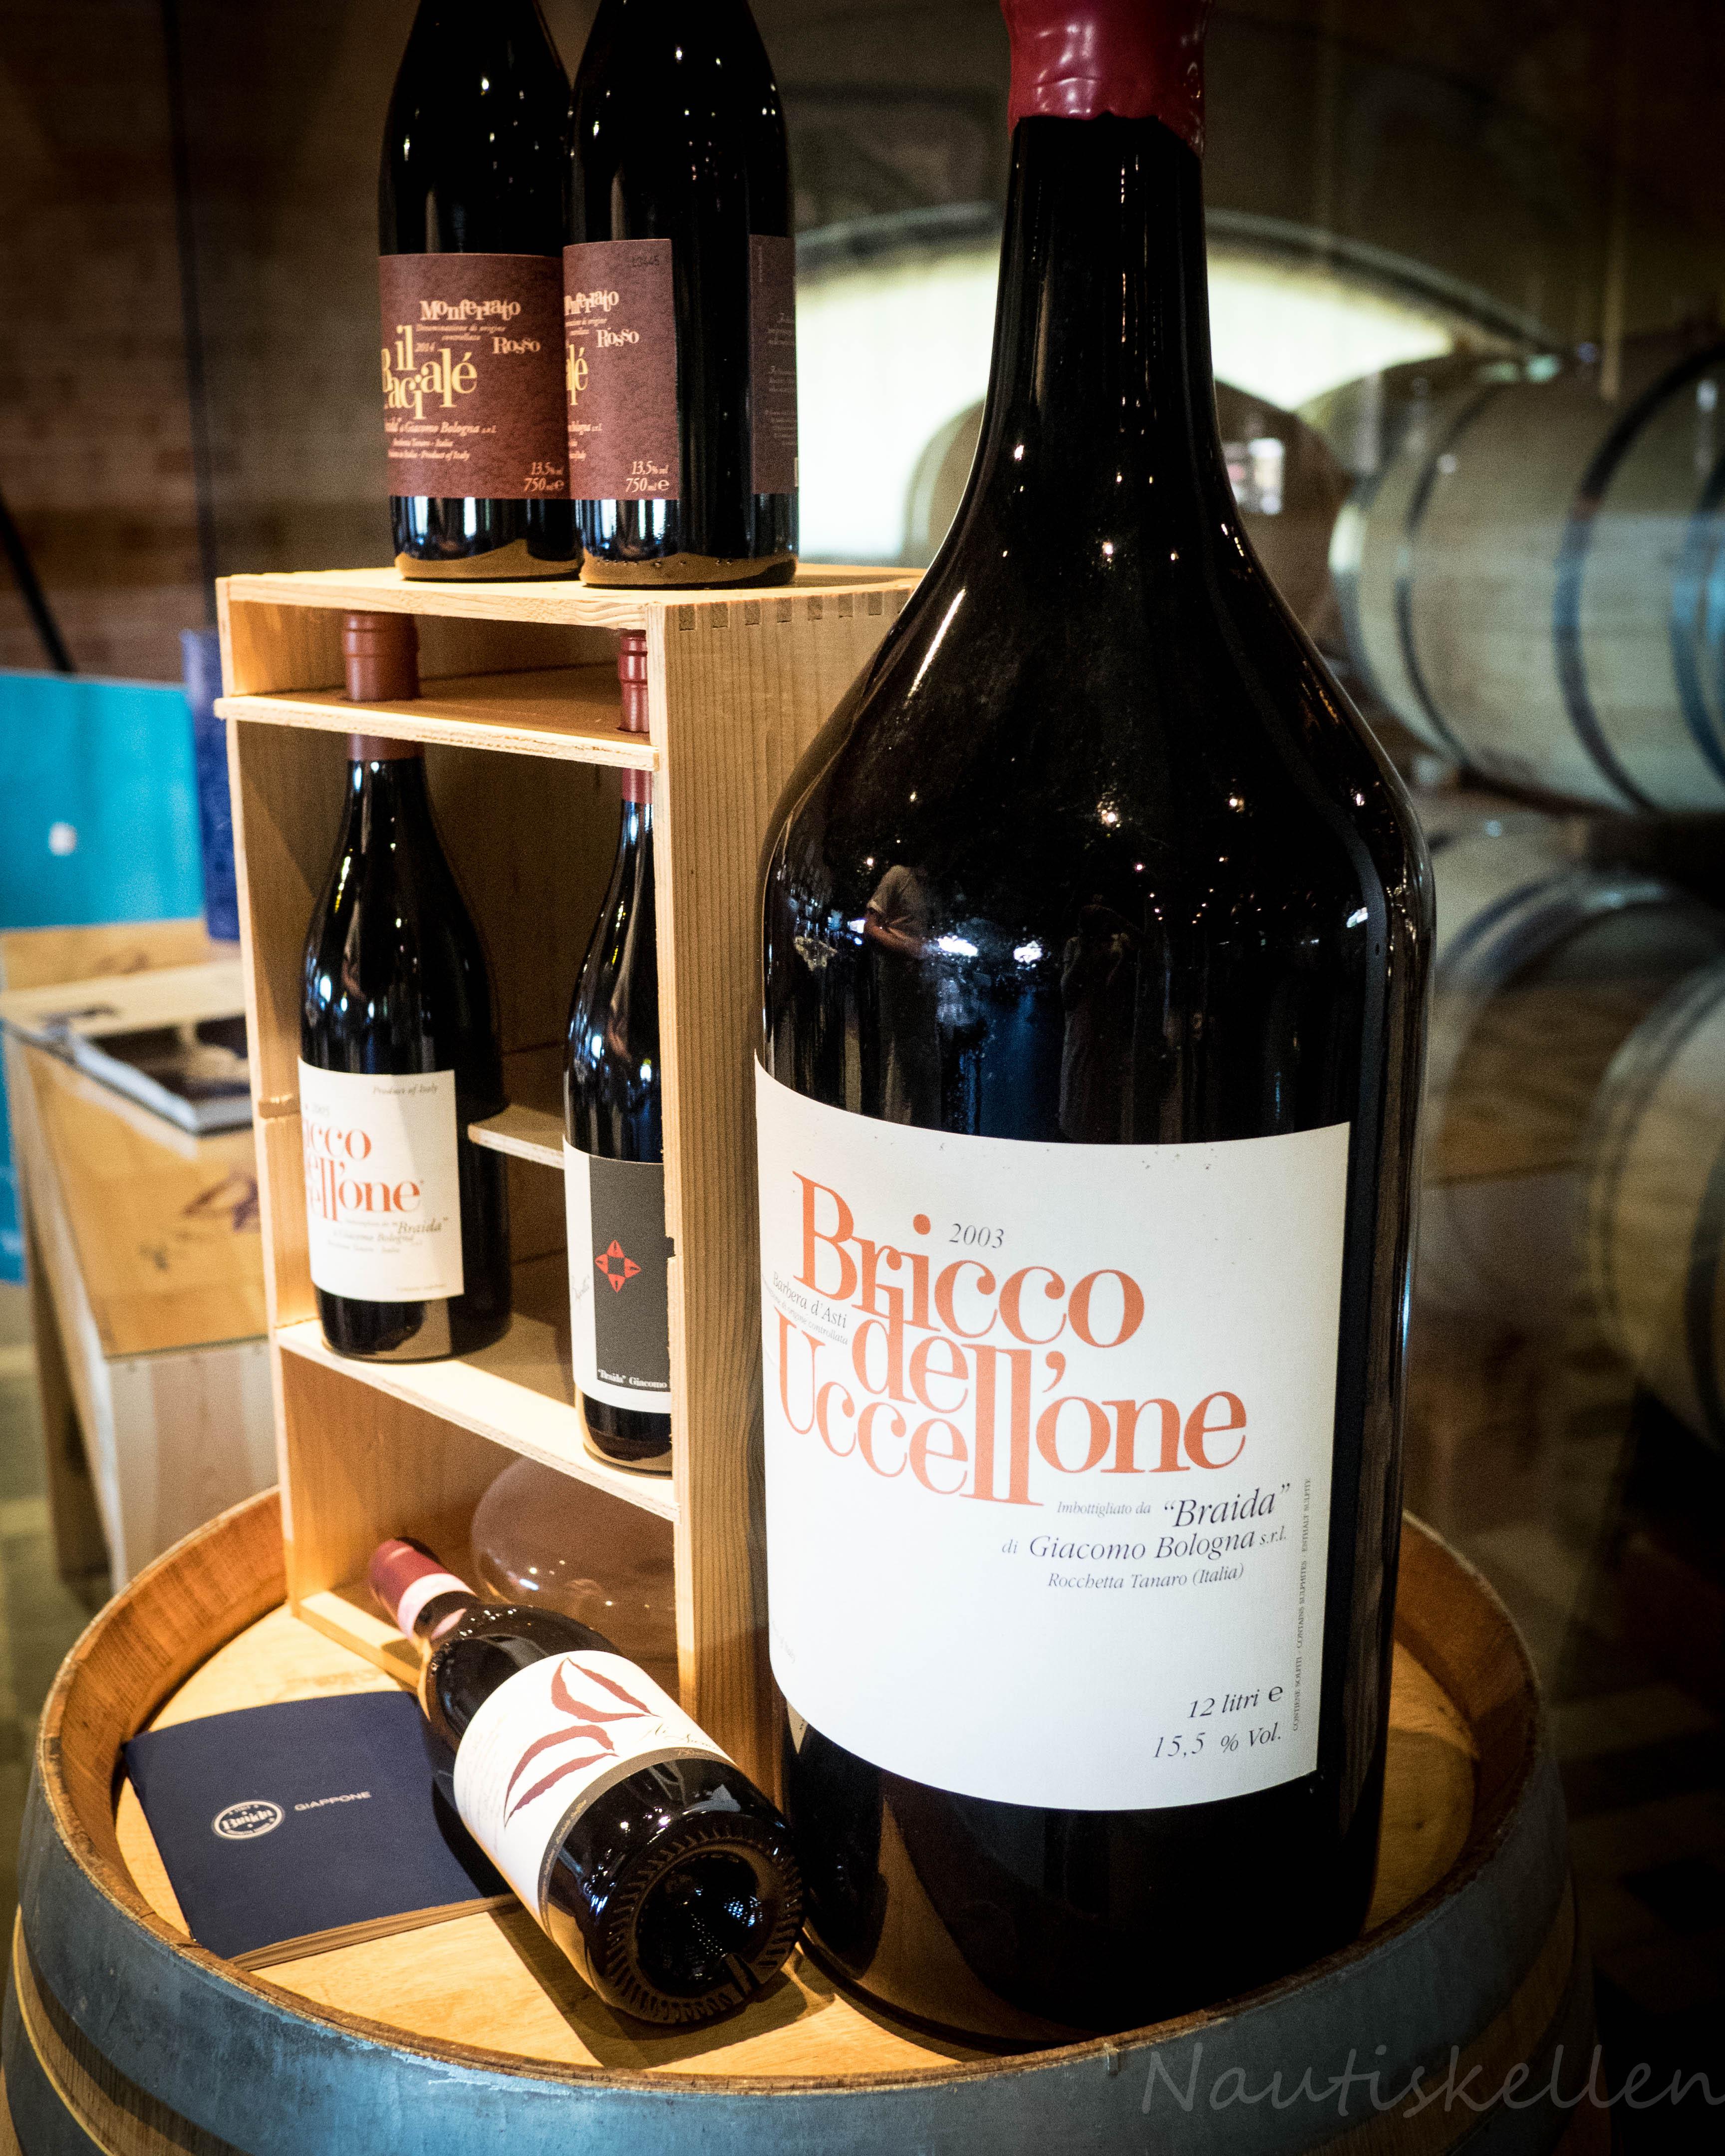 Italia viinitilat